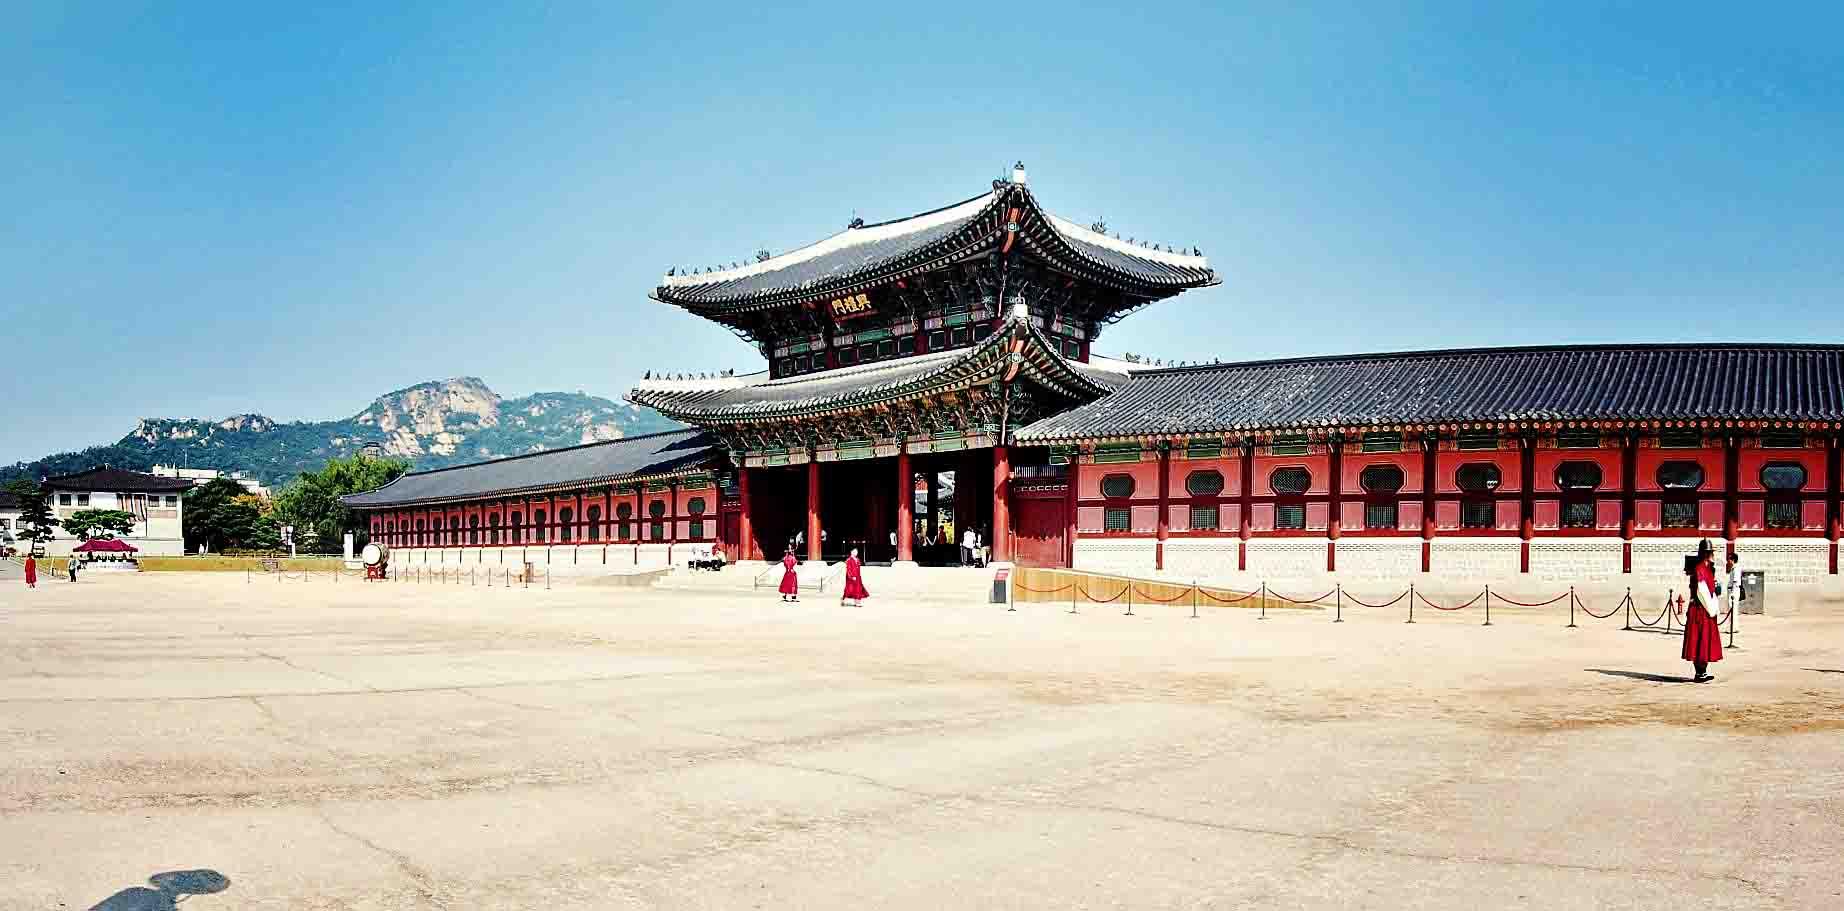 Kyeongbok